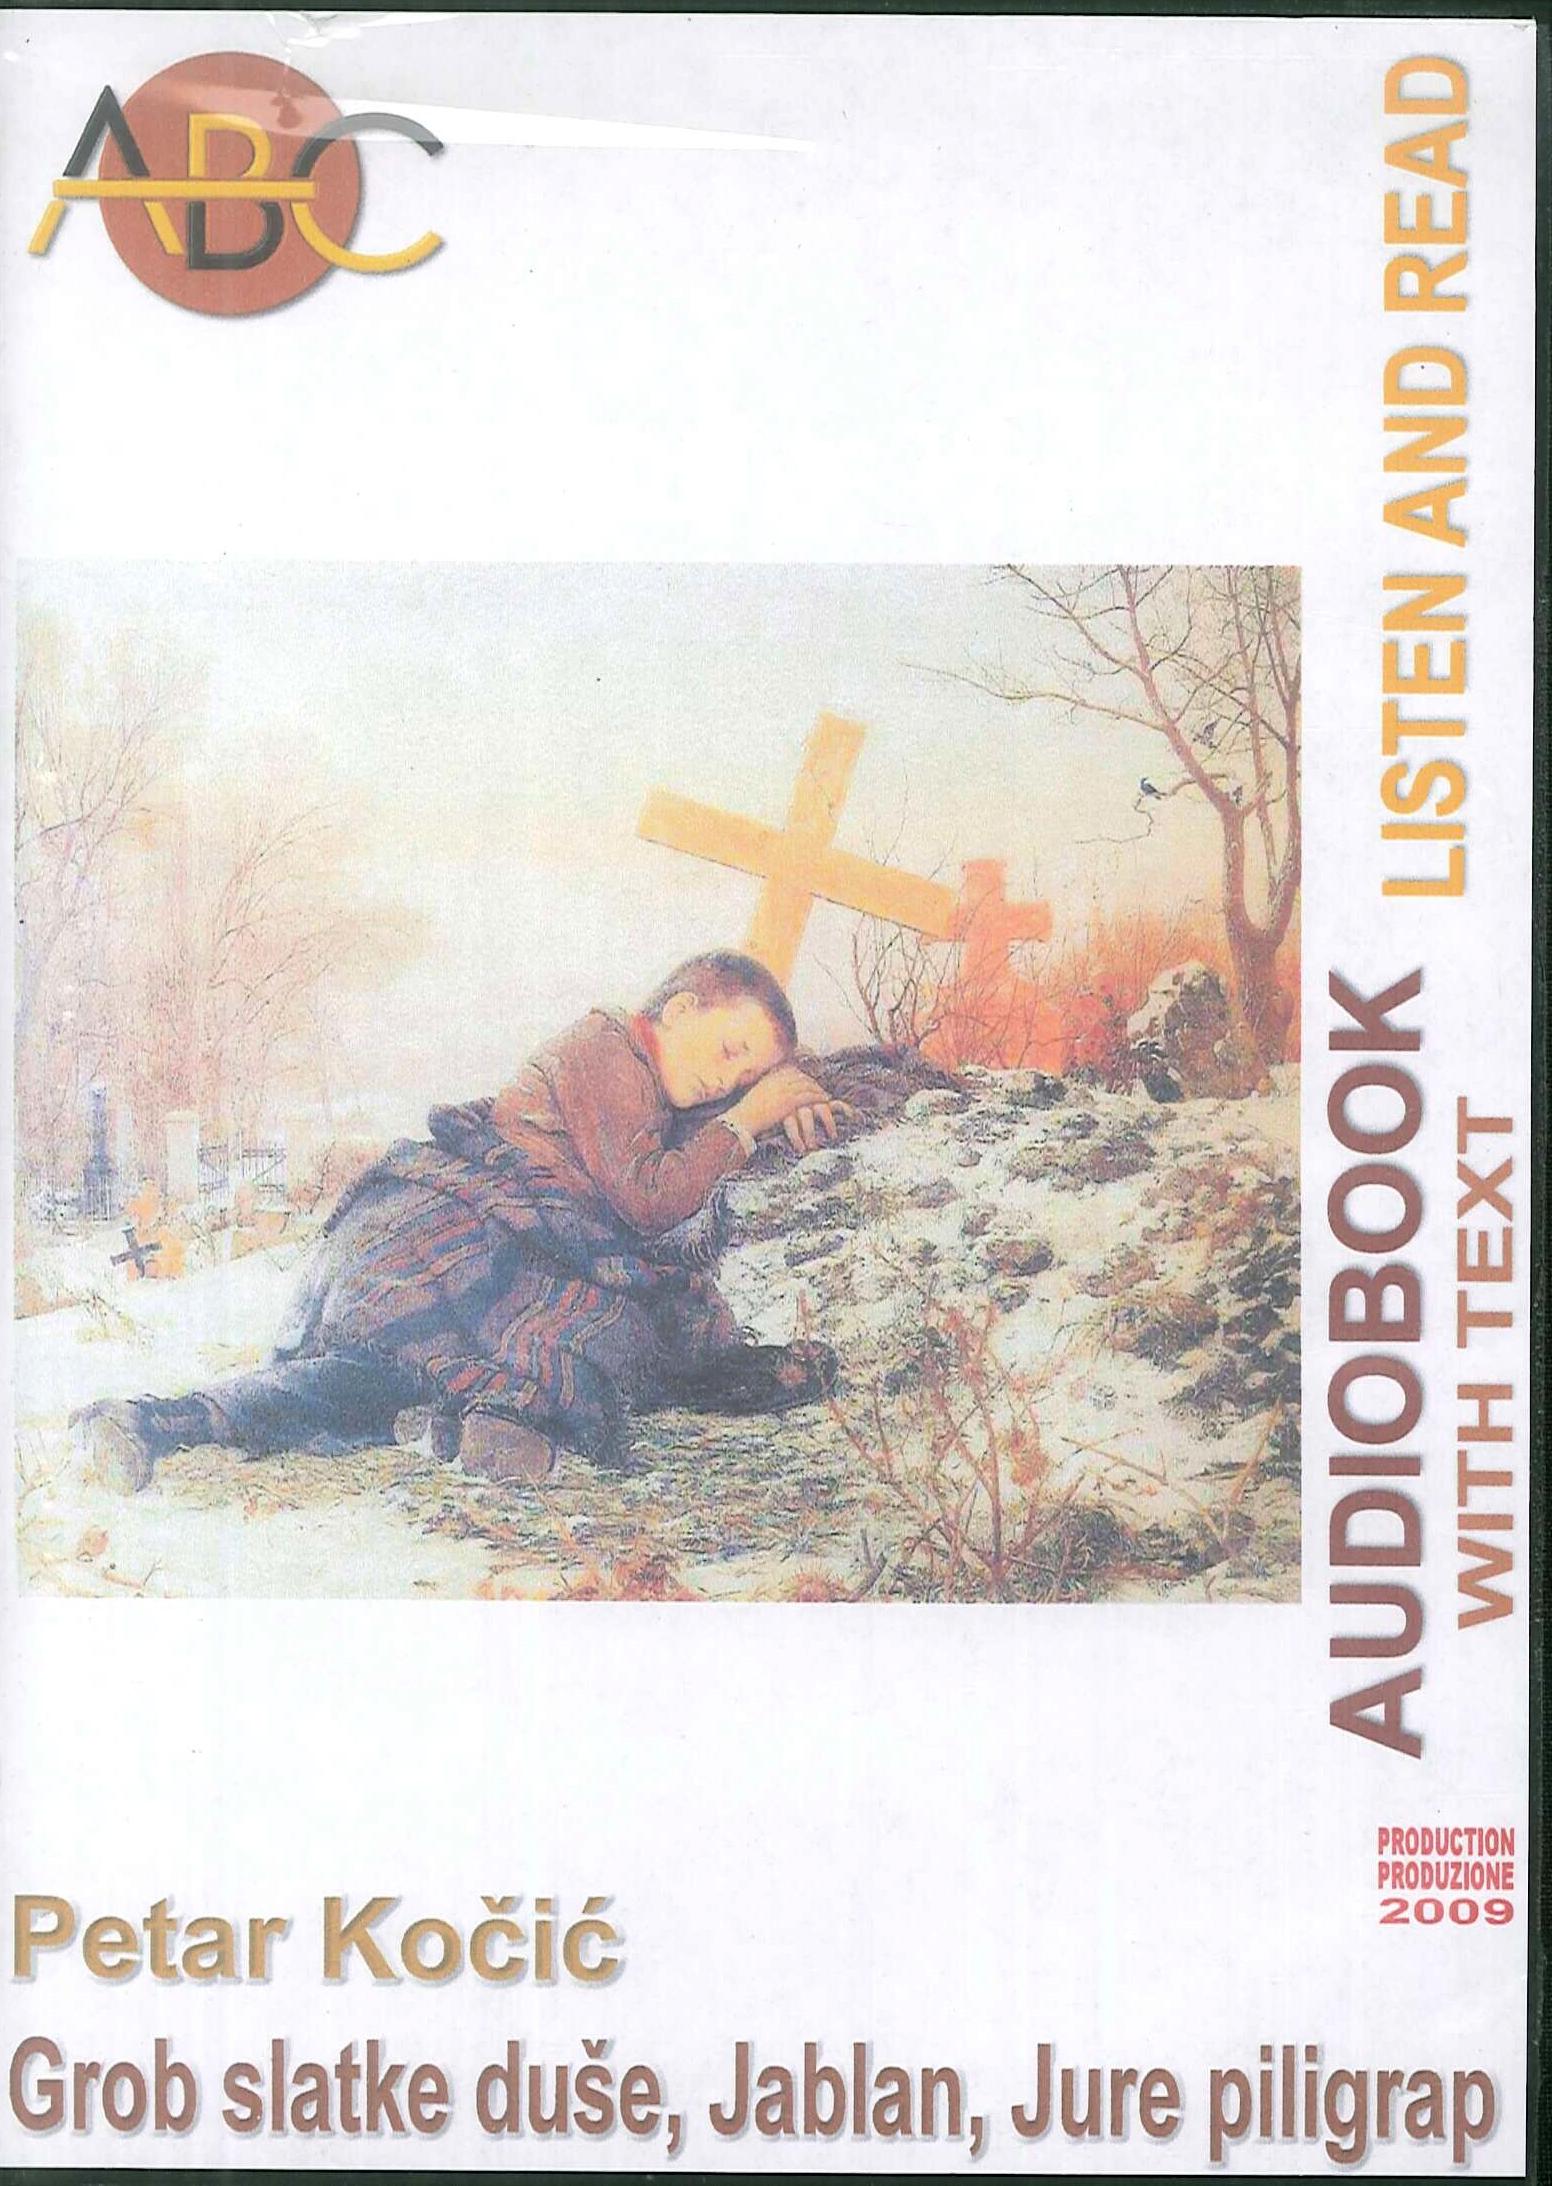 Grob slatke duse. Audiolibro. CD Audio e CD-ROM. Cat.n. 02/034